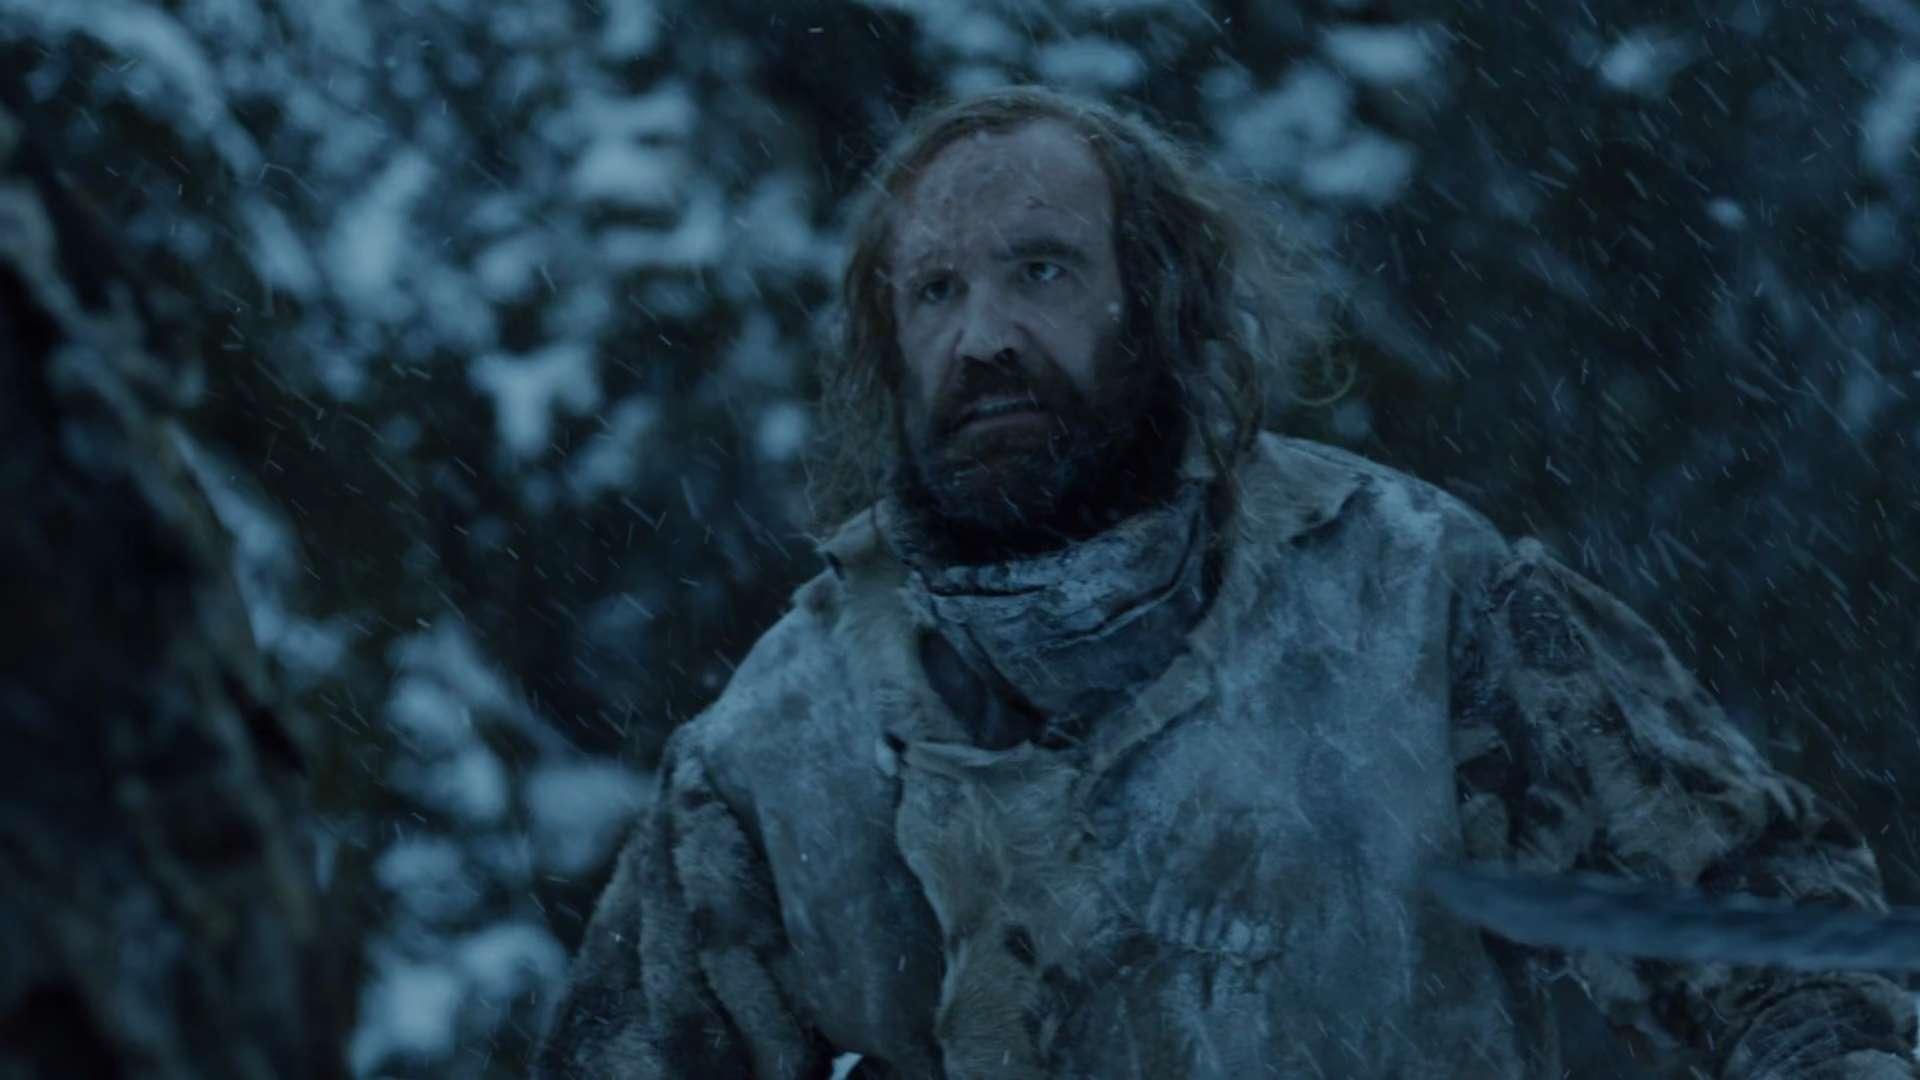 Game of Thrones subtitles